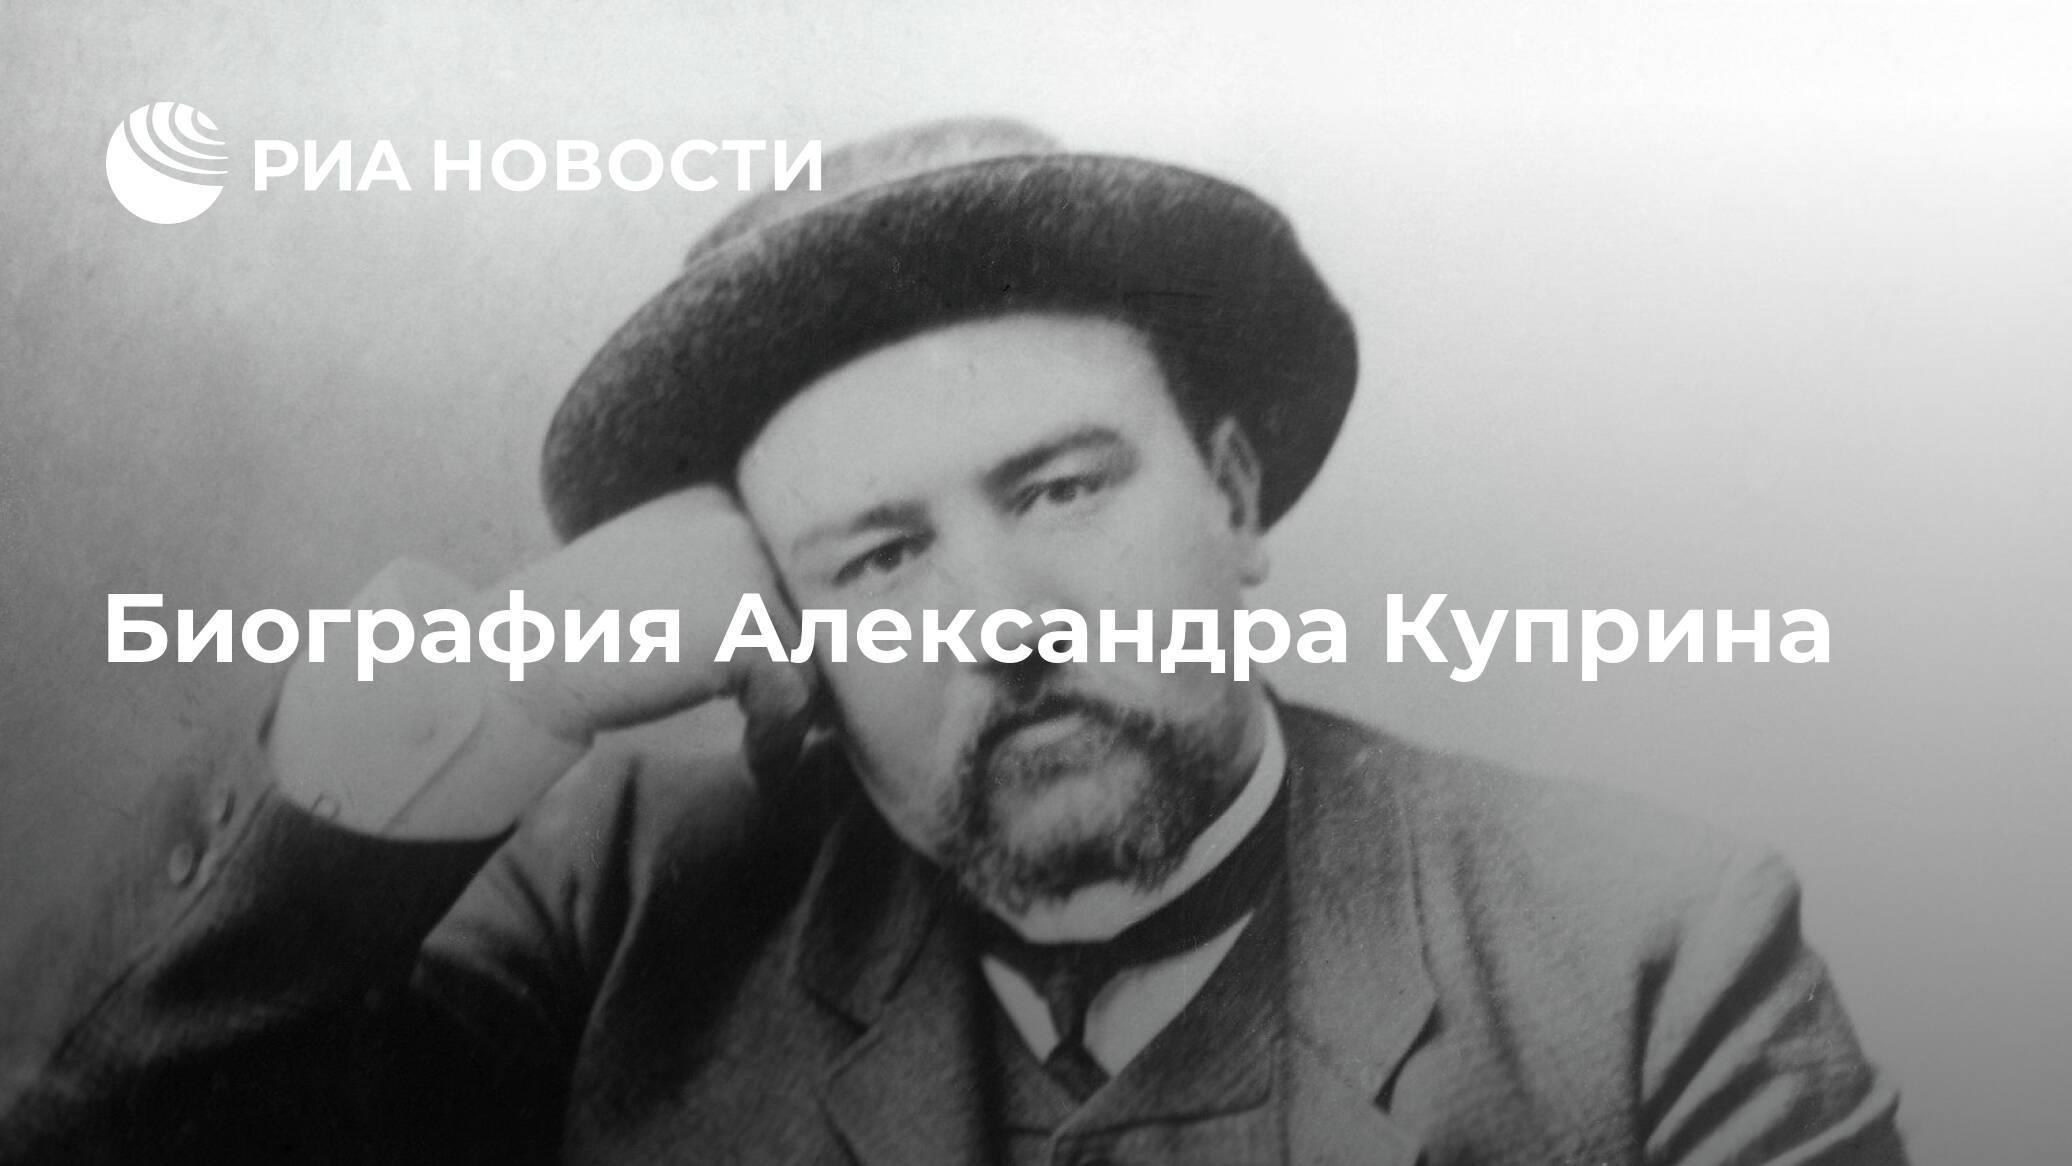 Александр галибин - биография, информация, личная жизнь